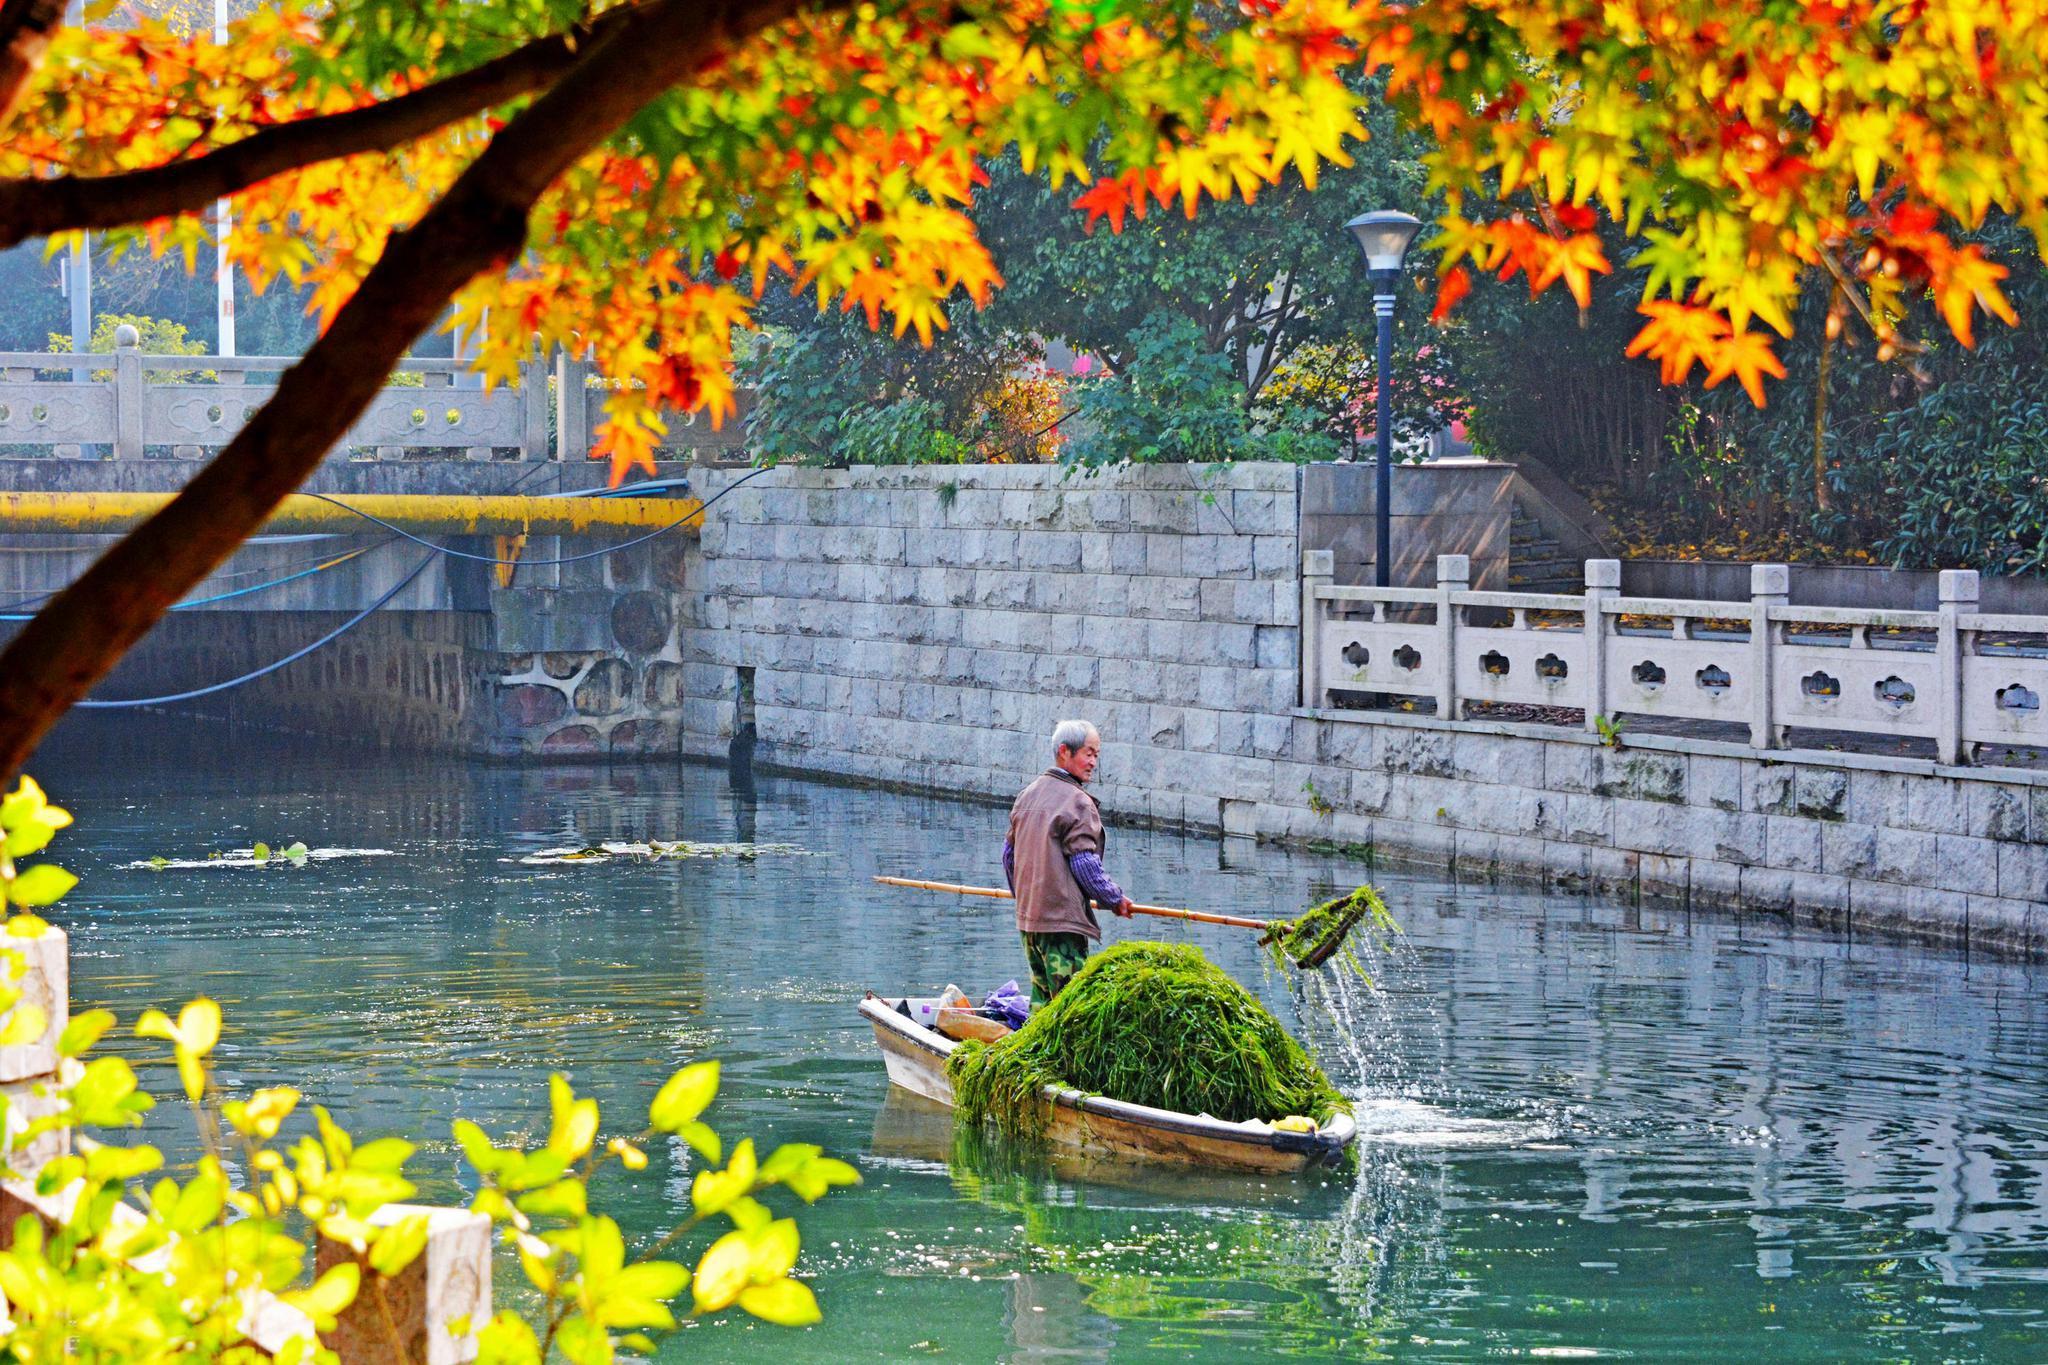 景观河的冬日美景,江苏省无锡市锡山区安镇街道。